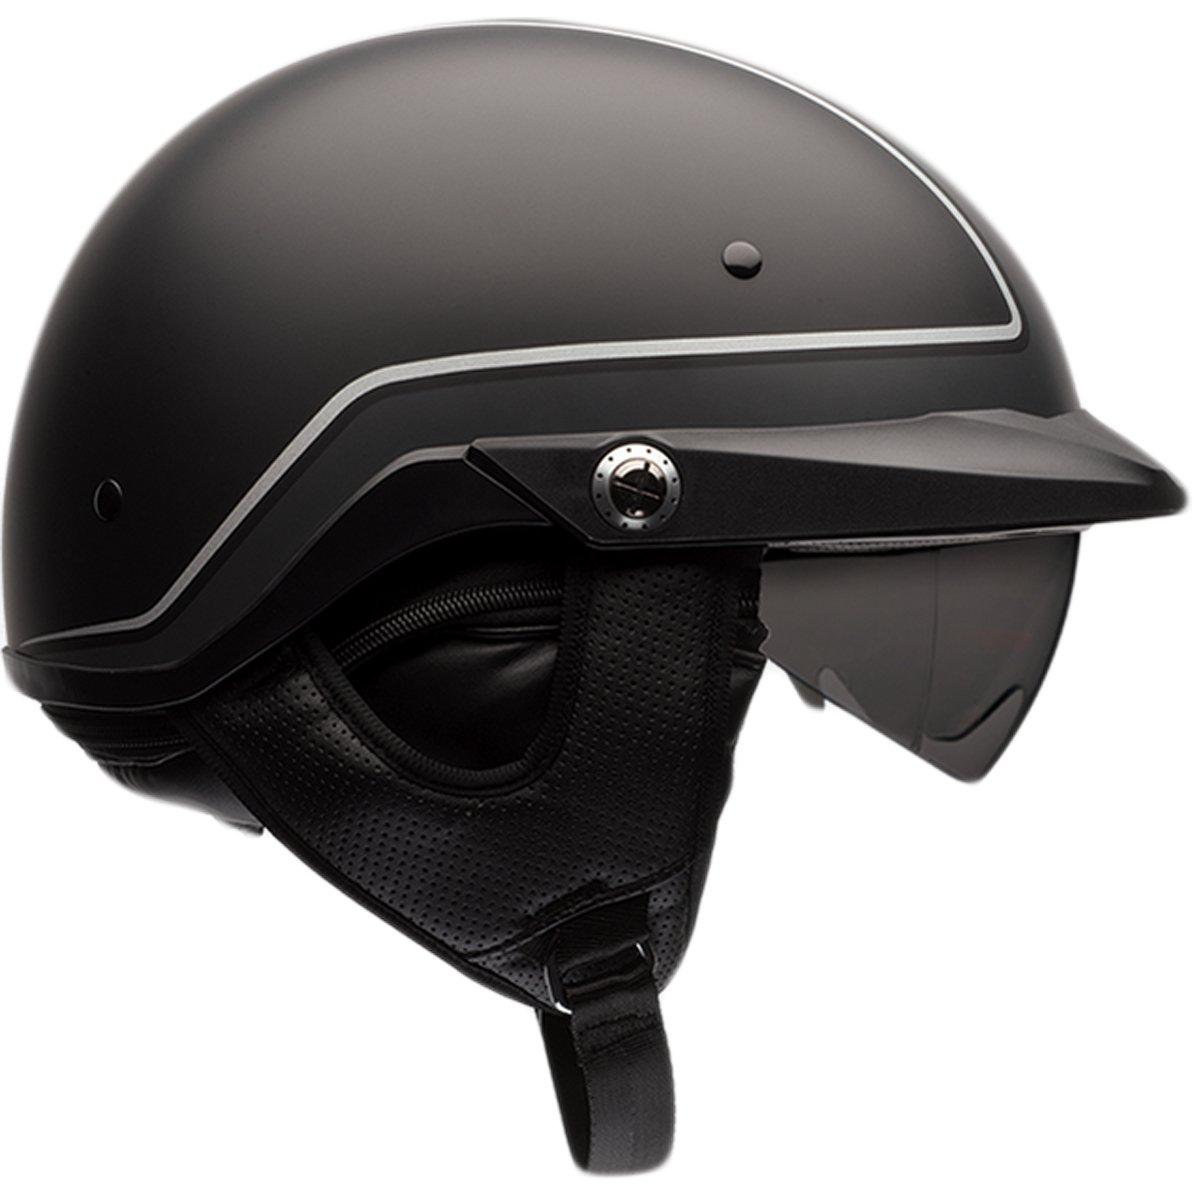 Bell 7070063 Pit Boss Sport Open-Face Motorcycle Helmet